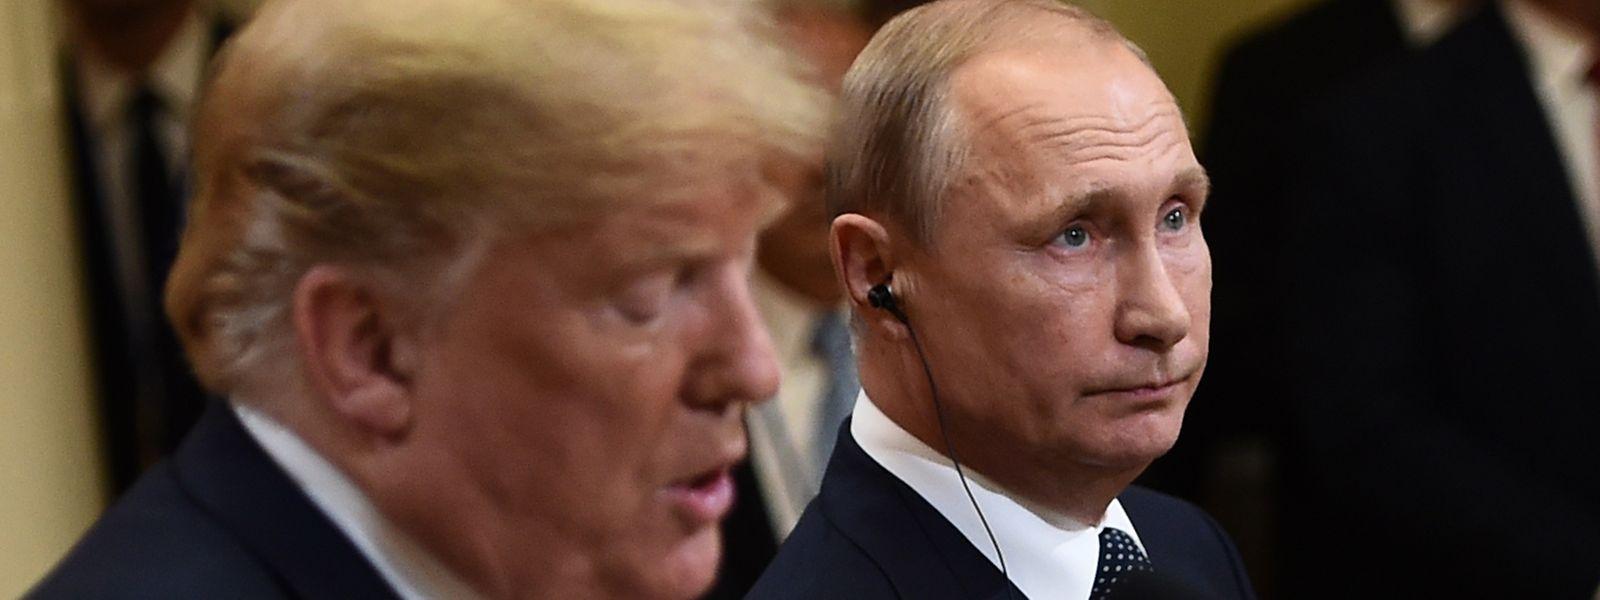 """""""Gut verlaufen"""", urteilt Trump, während Putin von """"nützlichen Gesprächen"""" spricht."""